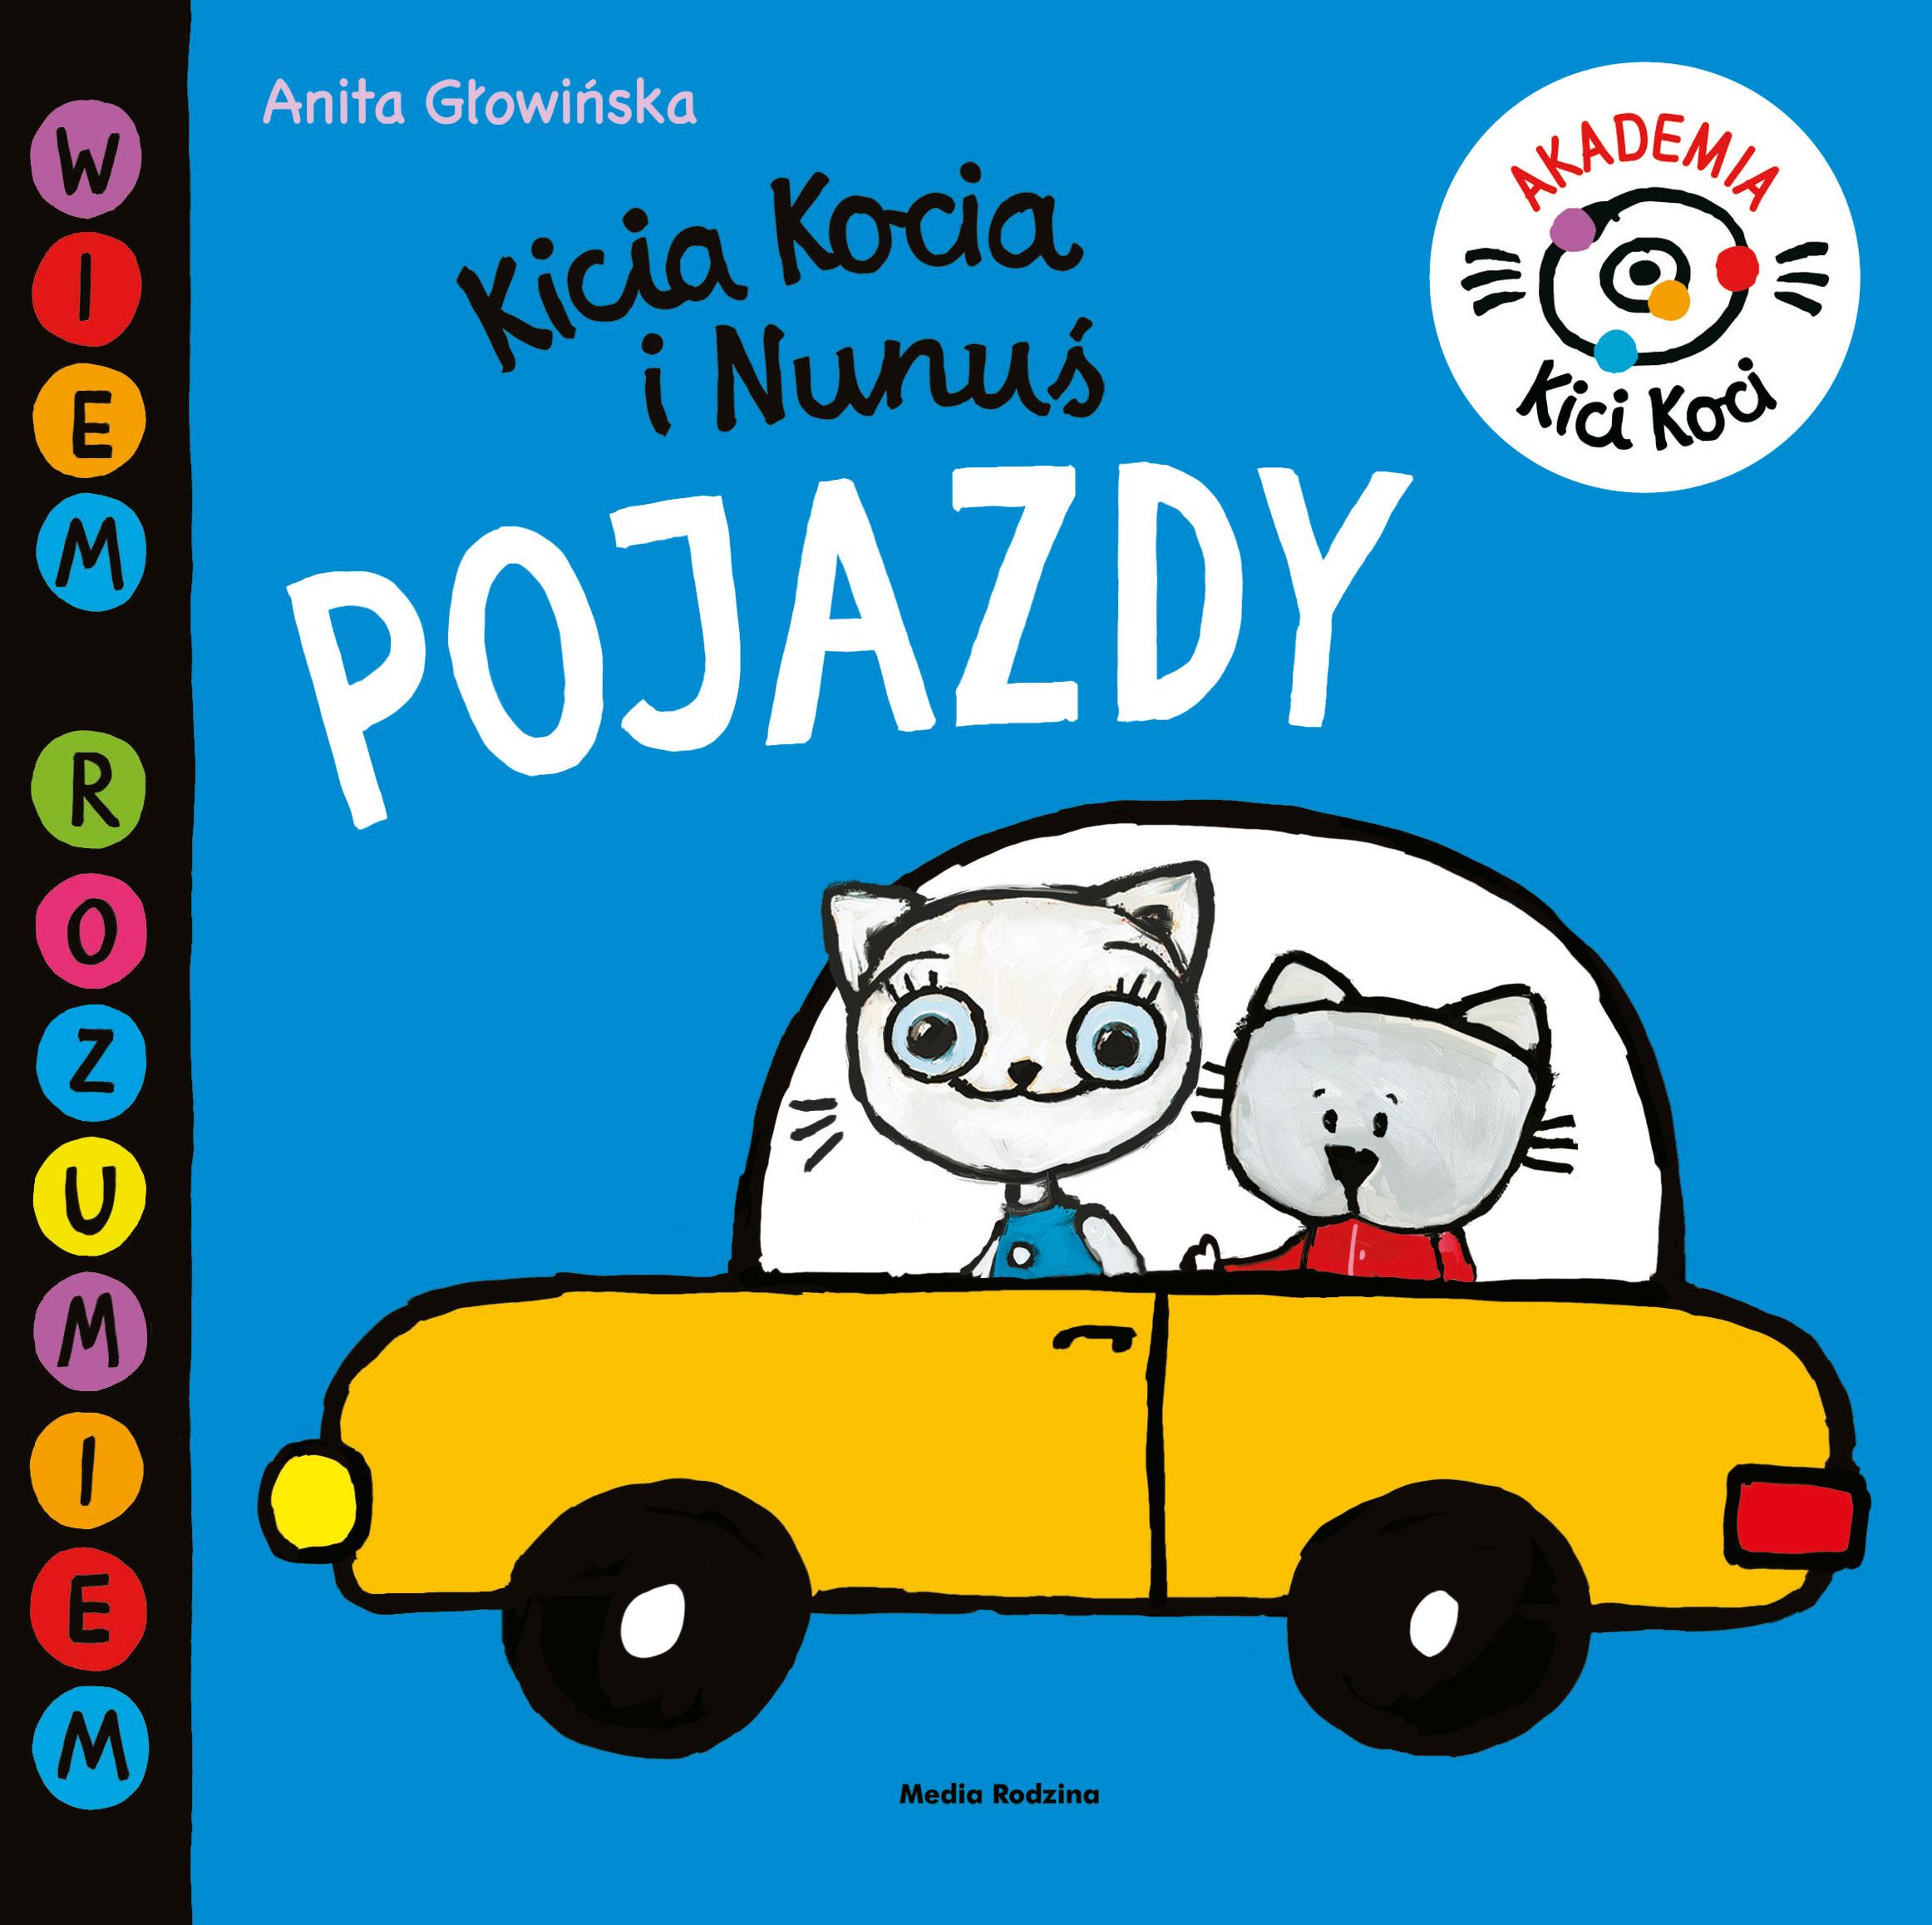 Akademia Kici Koci. Pojazdy